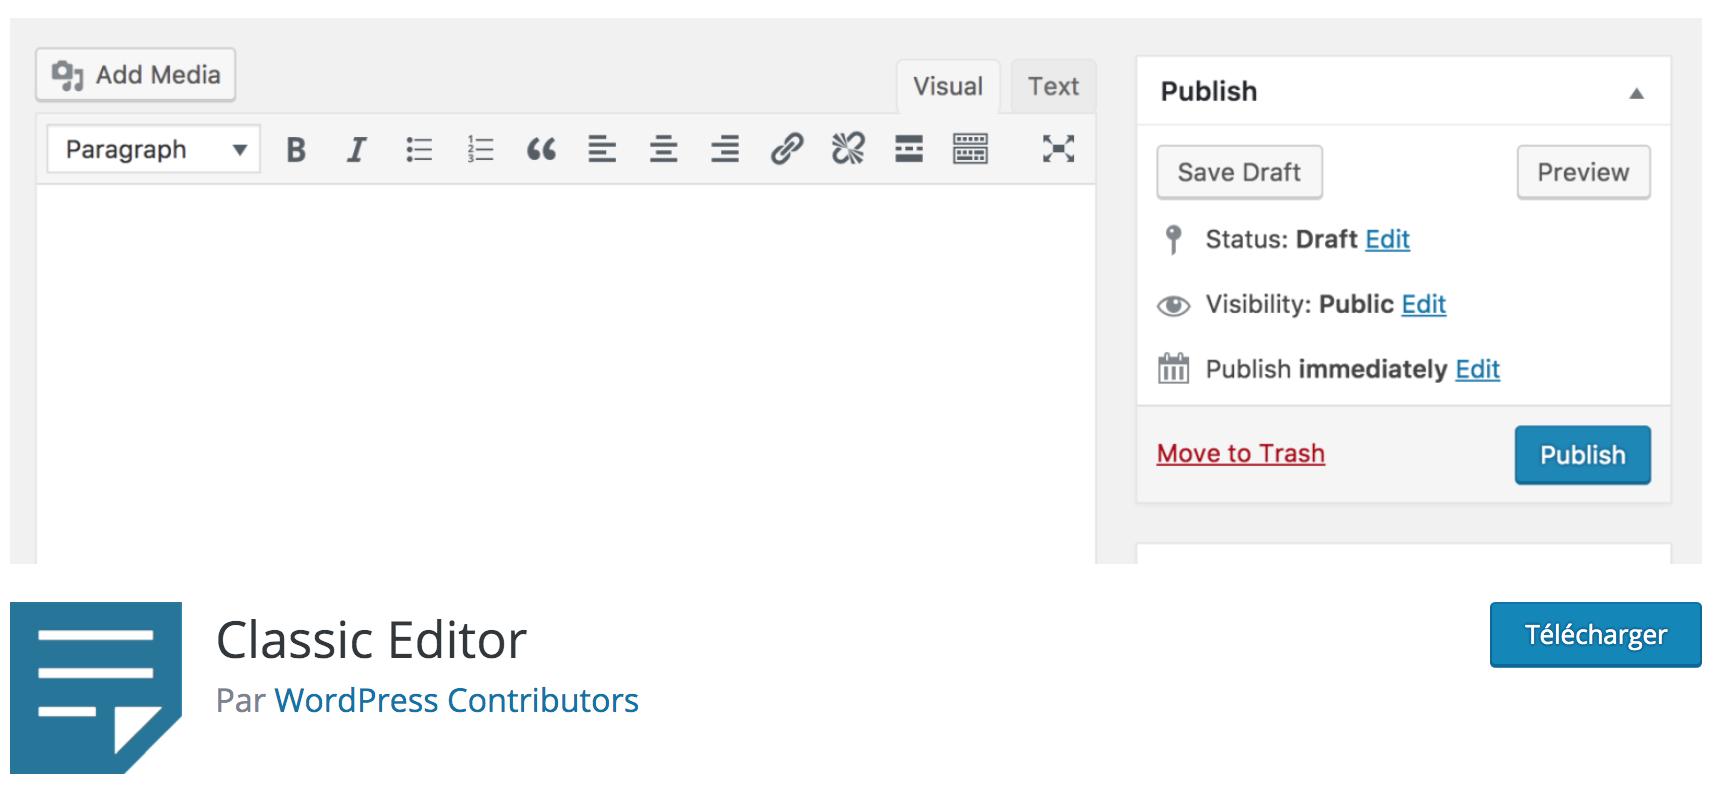 Avis sur Classic Editor plugin WP gratuit indispensable pour revenir à l'ancienne version de l'éditeur WordPress et désactiver Gutenberg